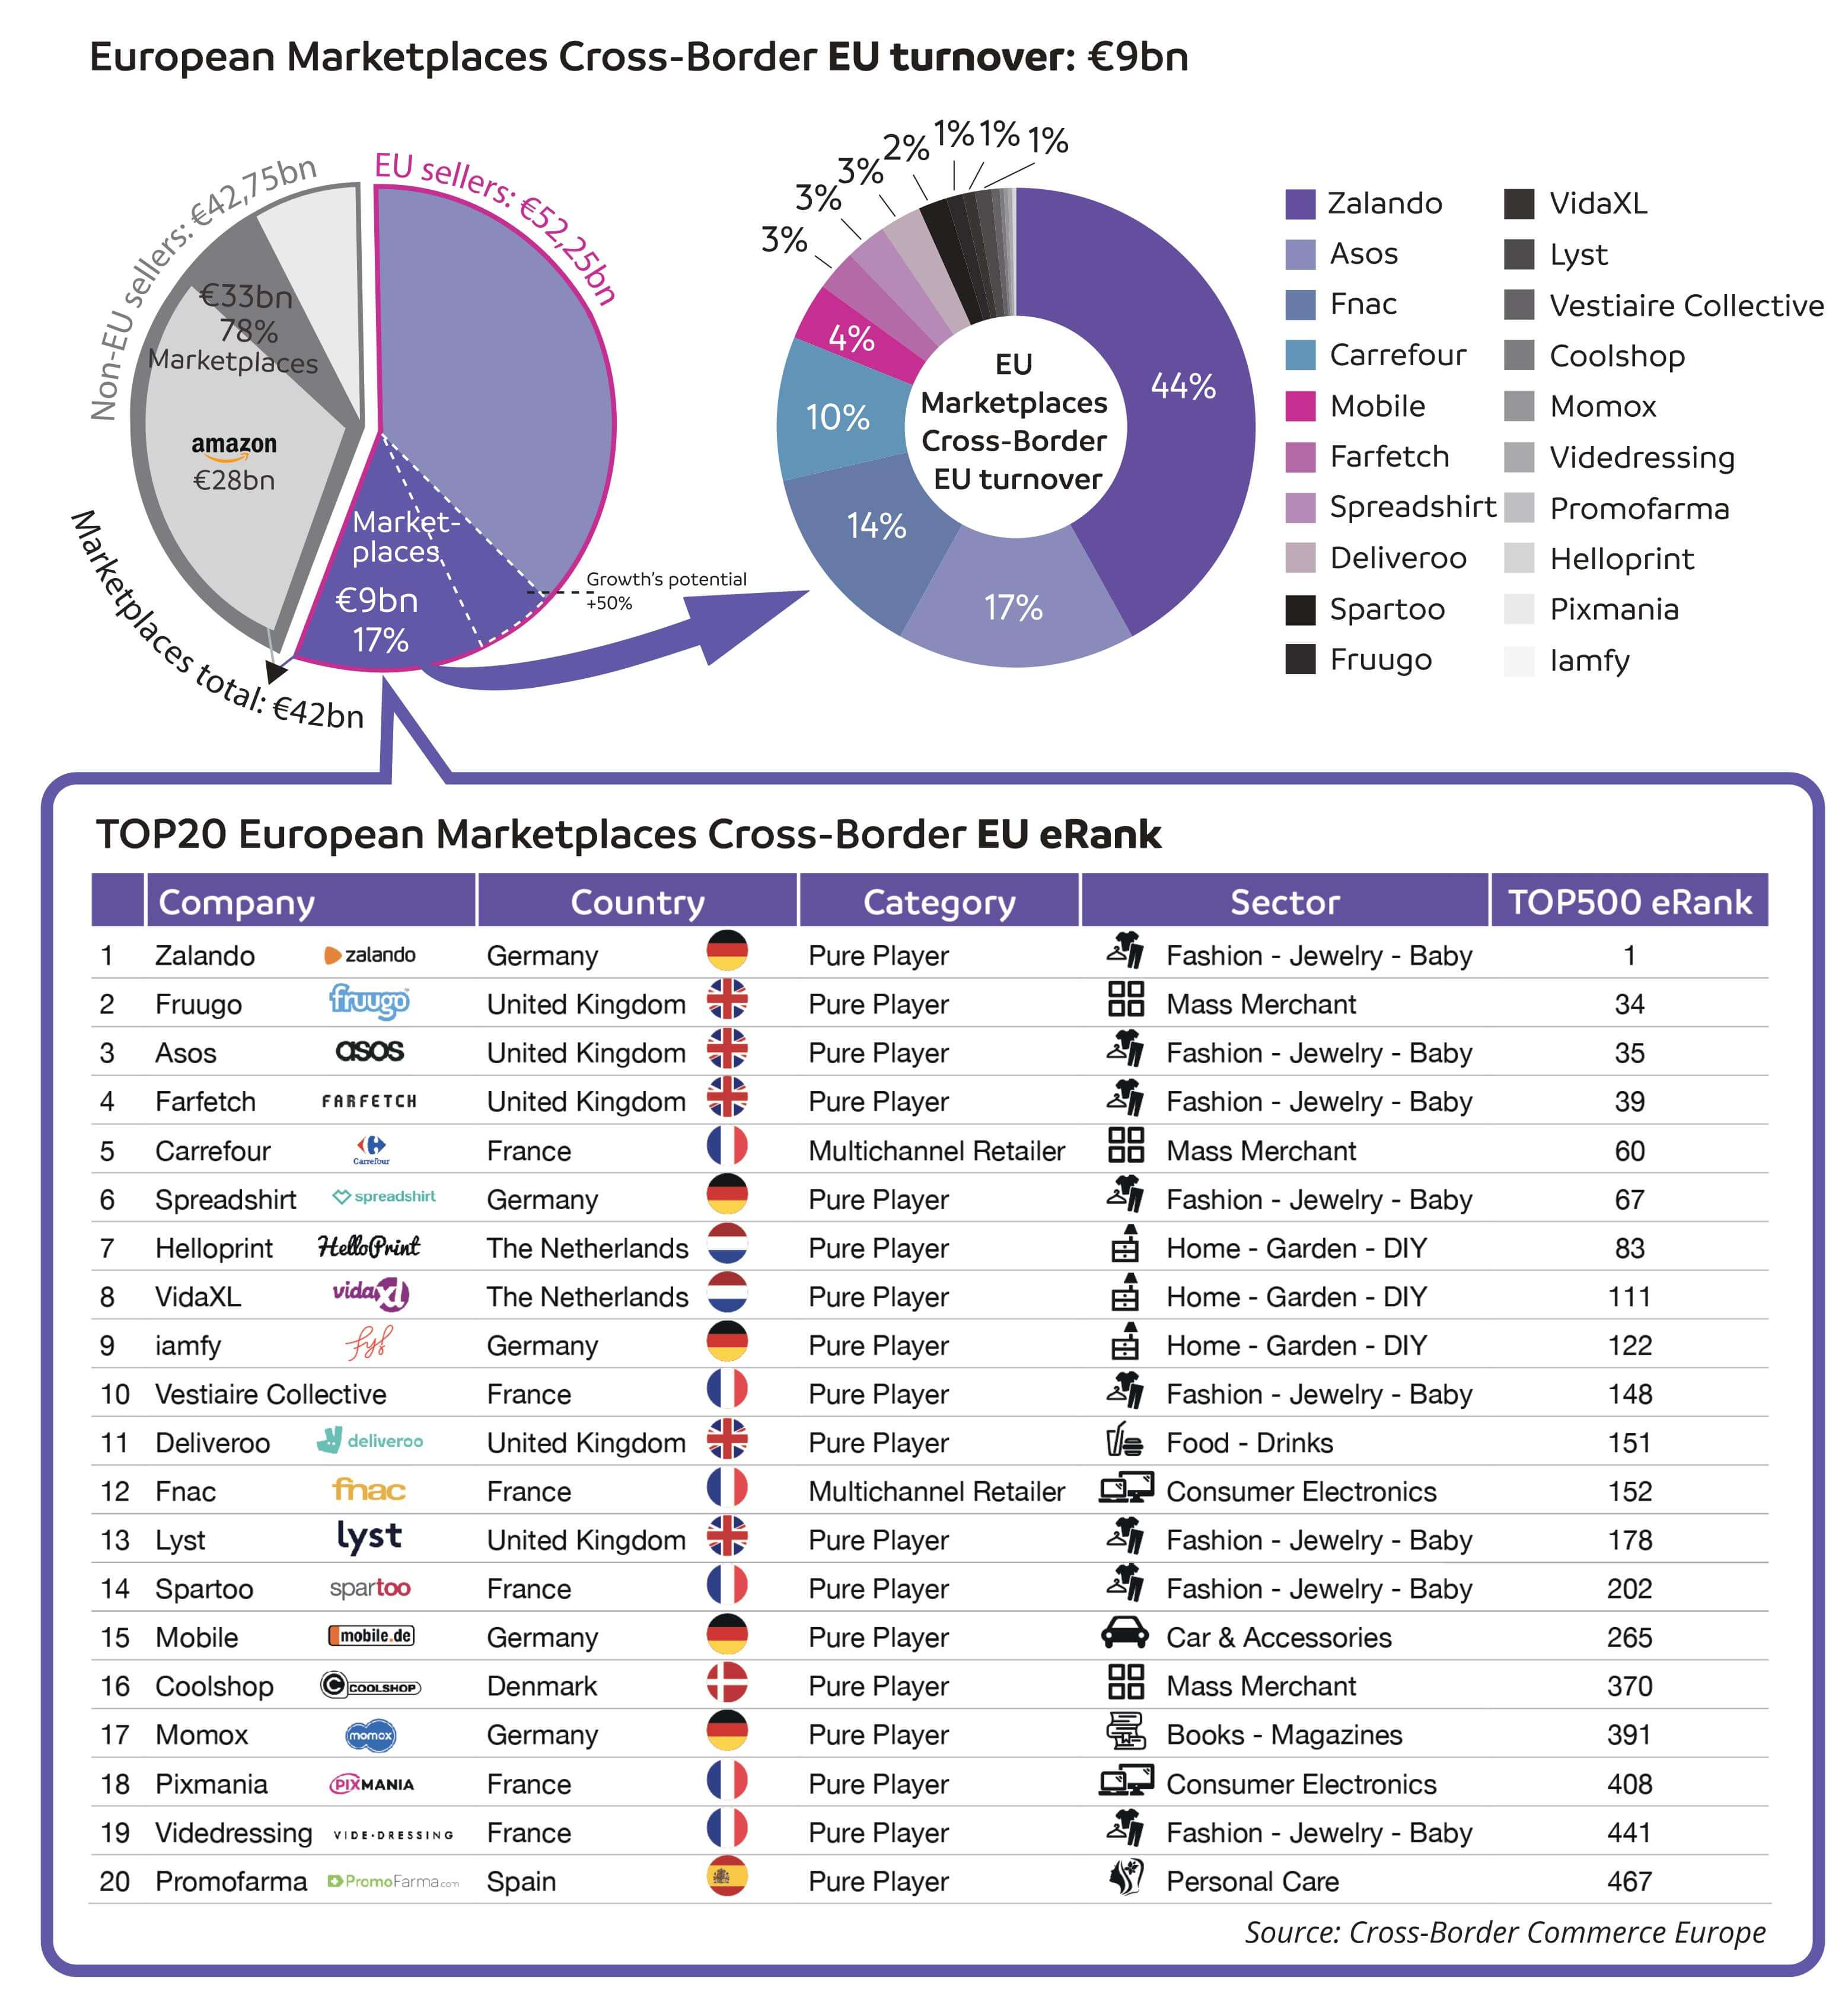 Belangrijkste Europese marketplaces